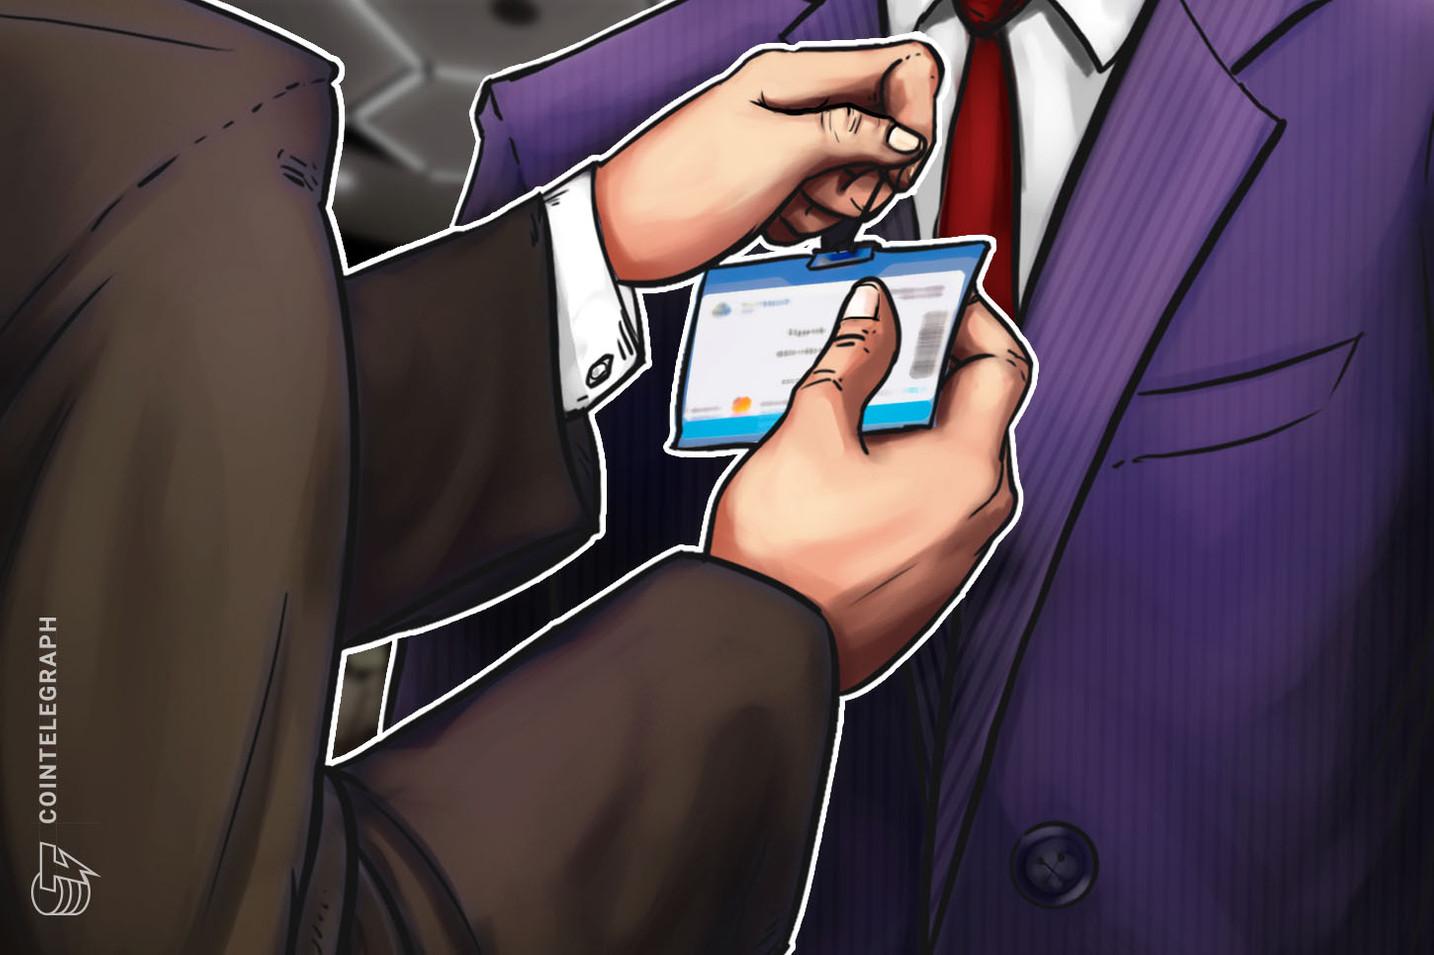 Cựu nhân viên BitGo sẽ giúp triển khai quỹ tiền điện tử 2.2 tỷ đô la của Andreessen Horowitz